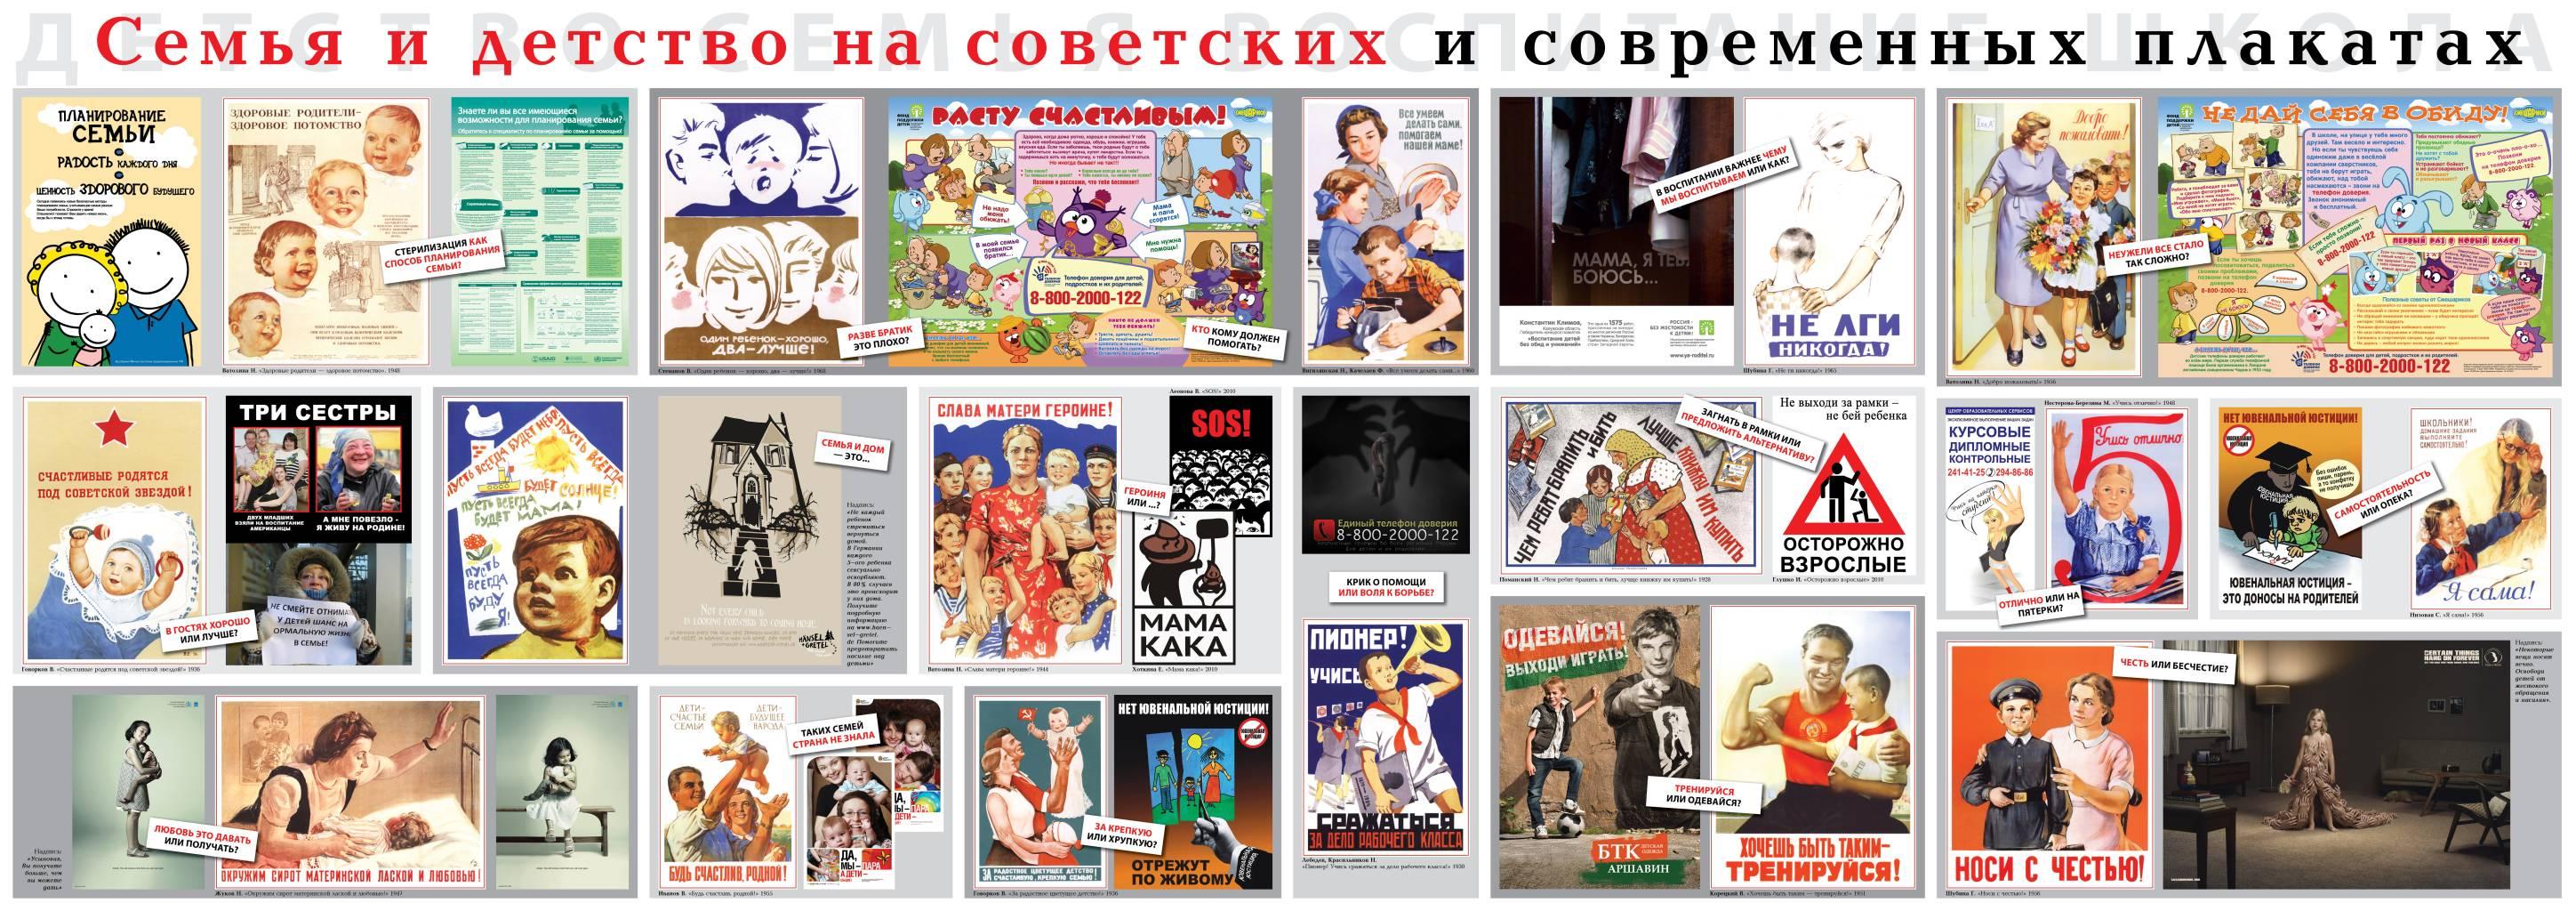 плакаты_web